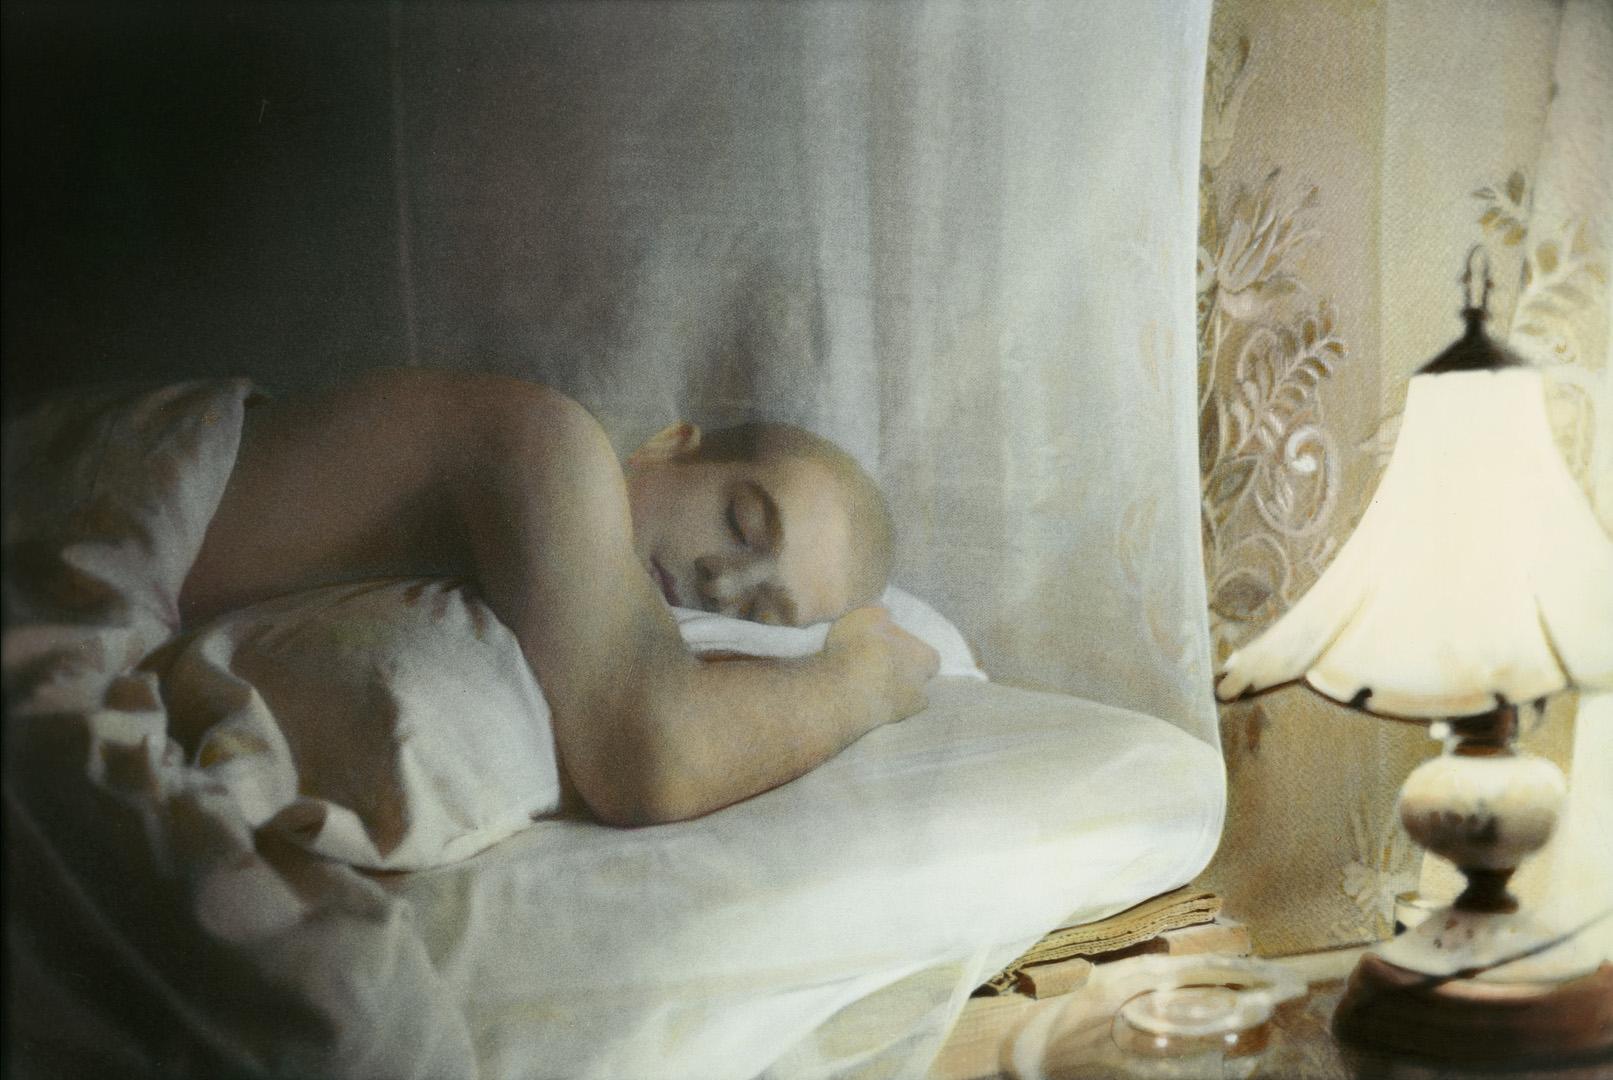 Sotto la pelle di Youssef Nabil: intervista all'artista